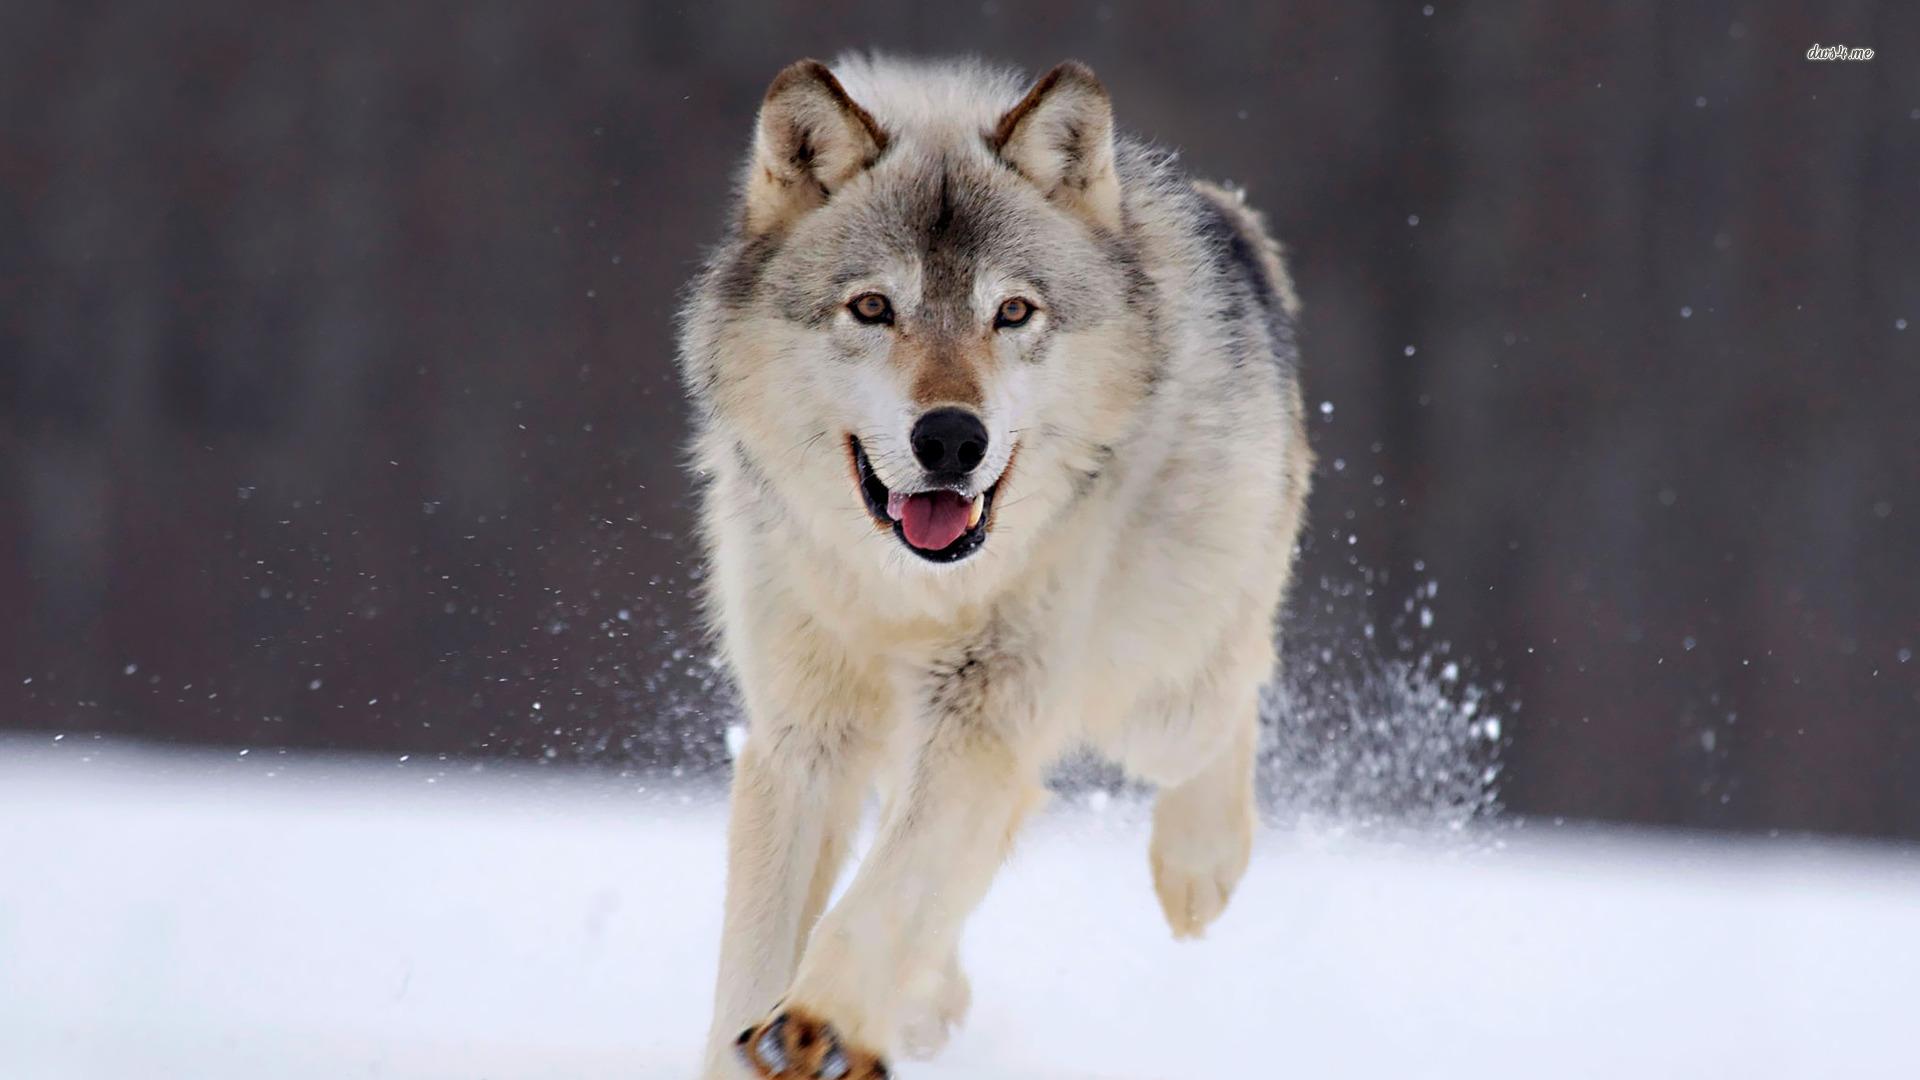 wolf wallpaper Cool Desktop HD Resolution 220 Backgrounds